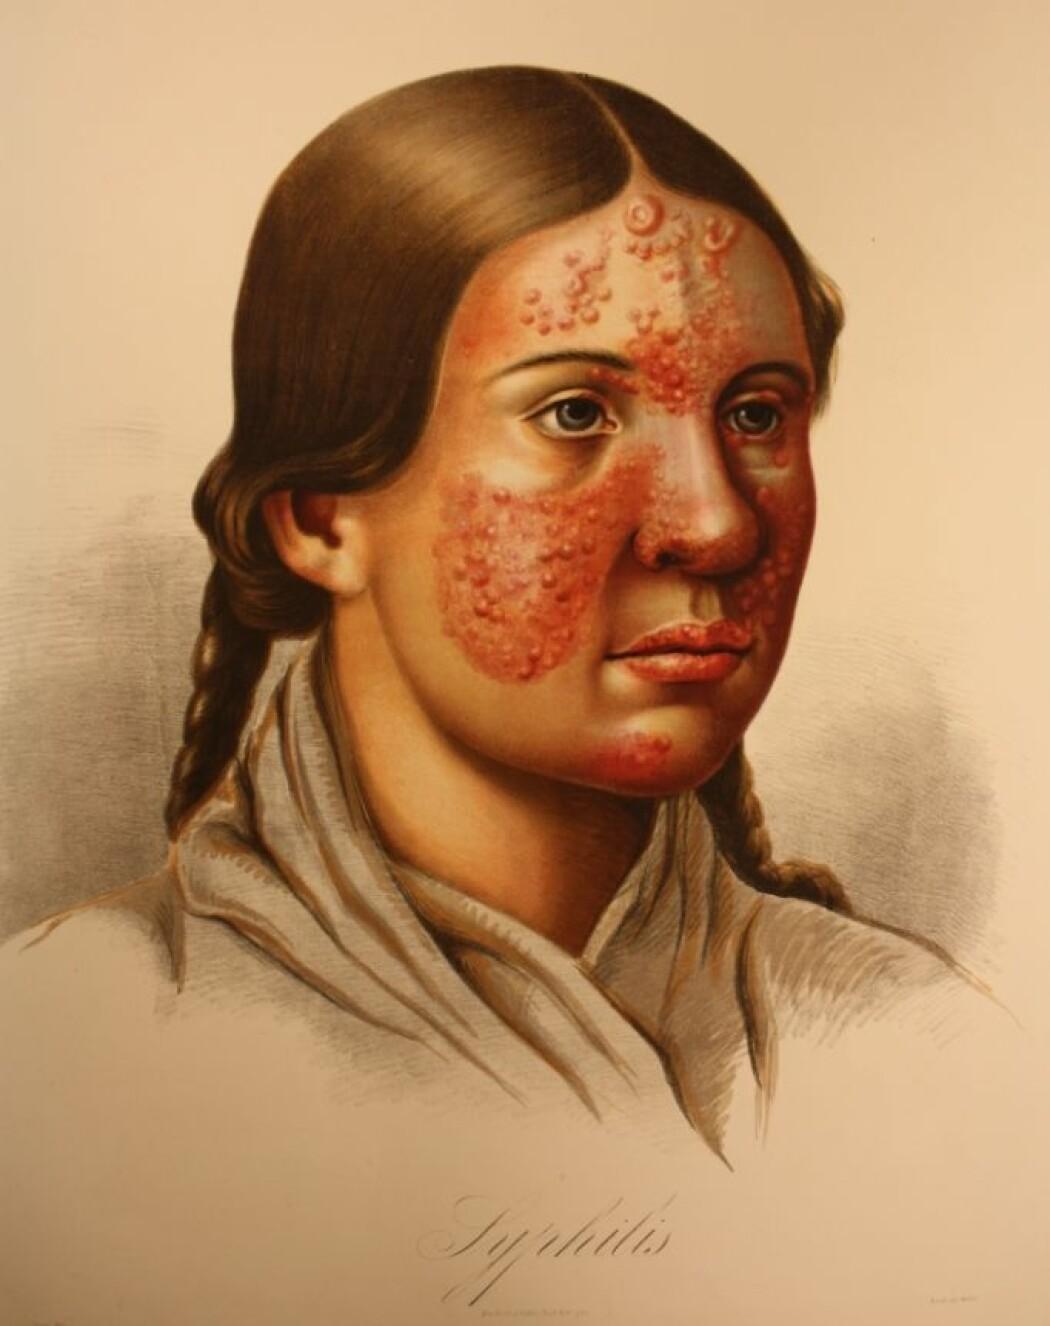 """W. Boeck har skrevet """"Syfilis"""" under tegningen av denne jenta. Slike symptomer ble av mange leger før ham tolket som radesyke. Boeck kan ha hatt rett i sin diagnose."""